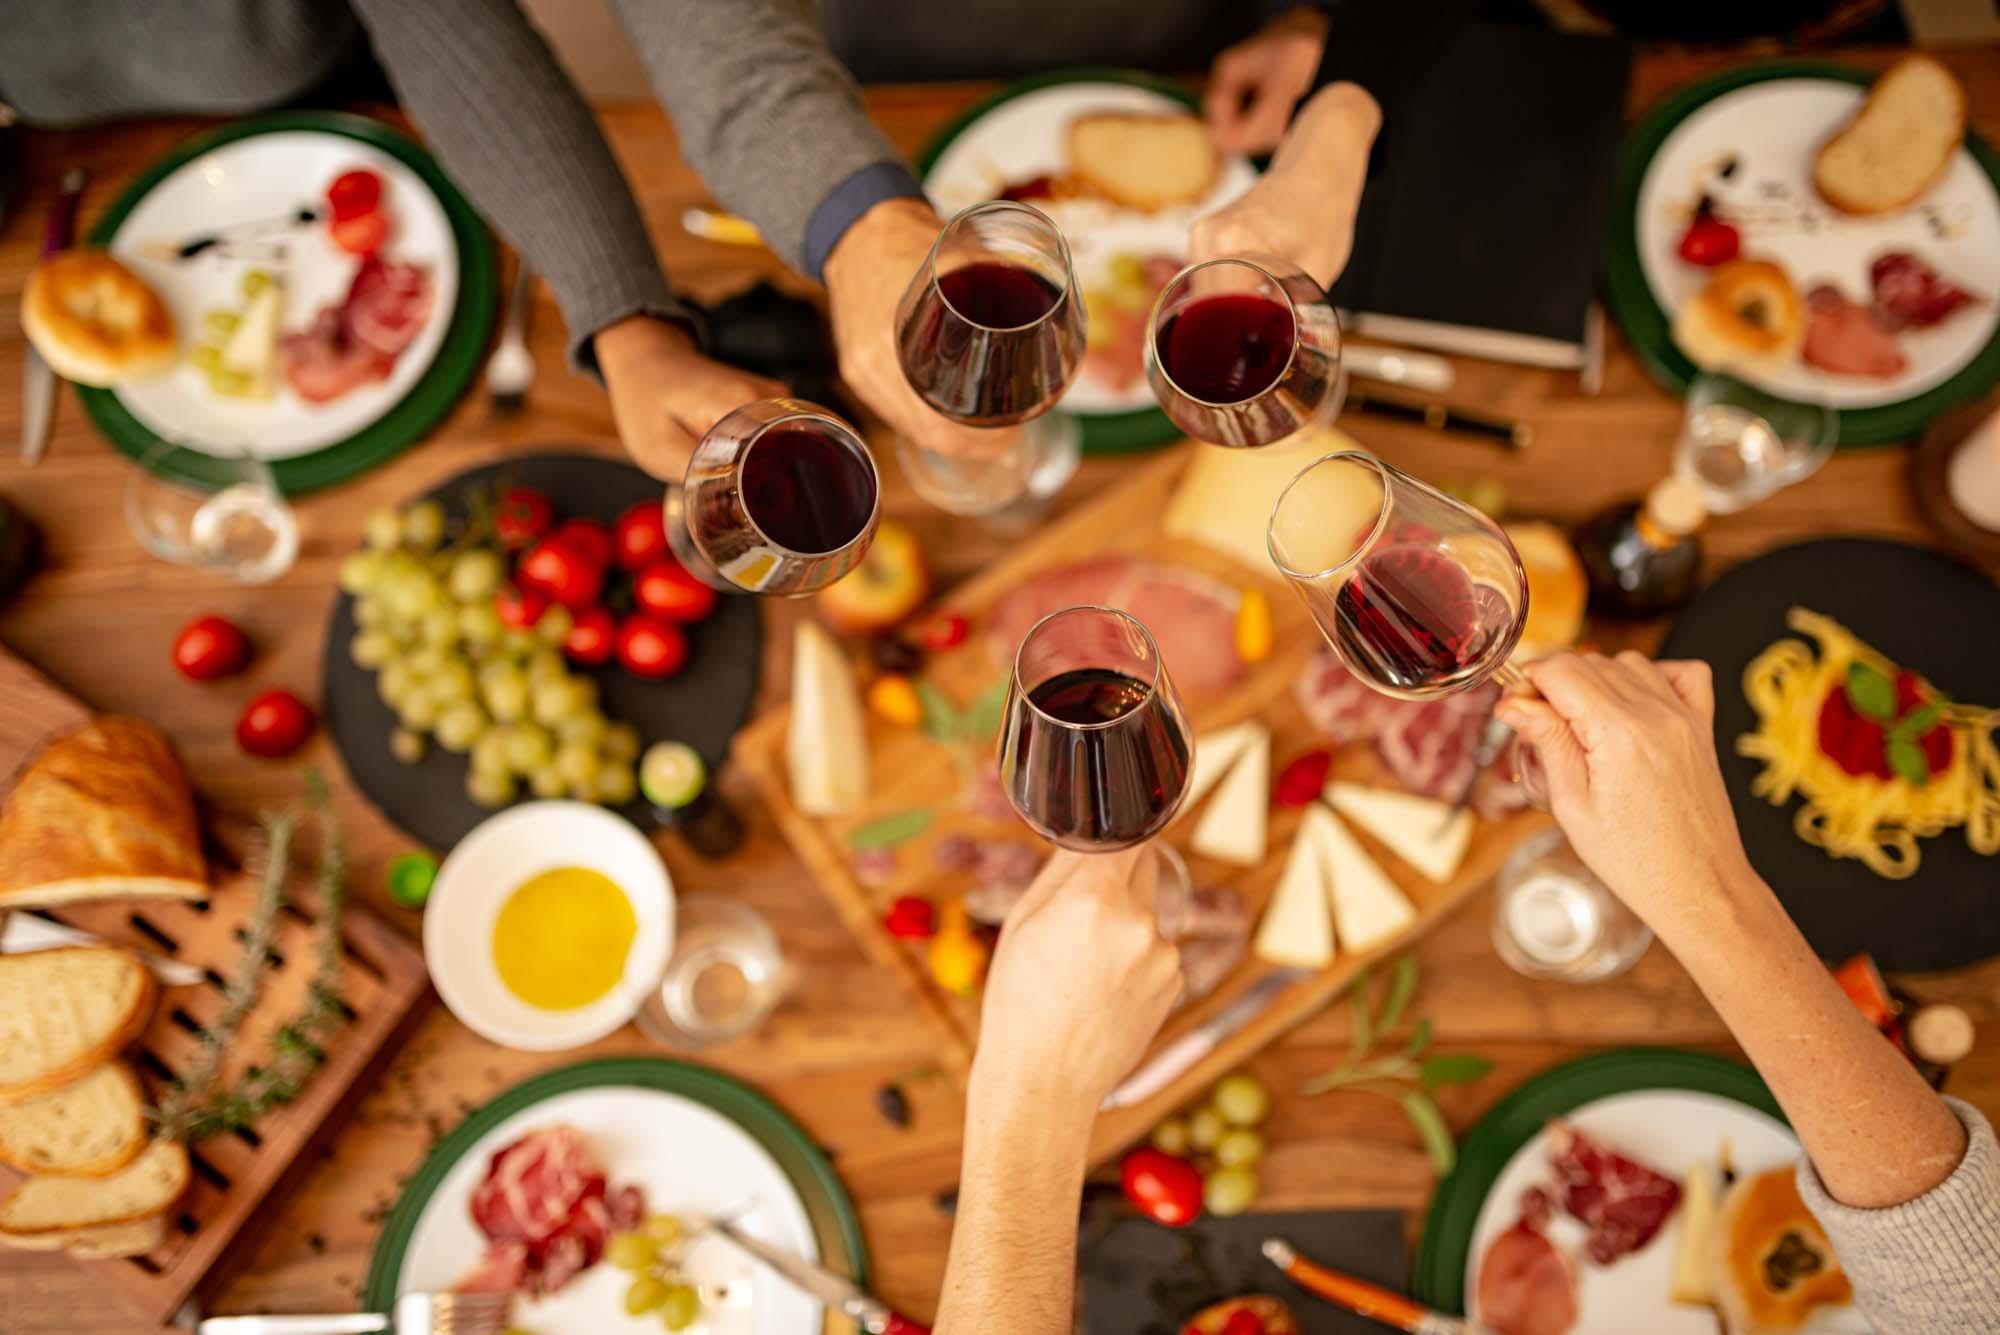 Corsi Di Cucina Formazione Manageriale a Padova